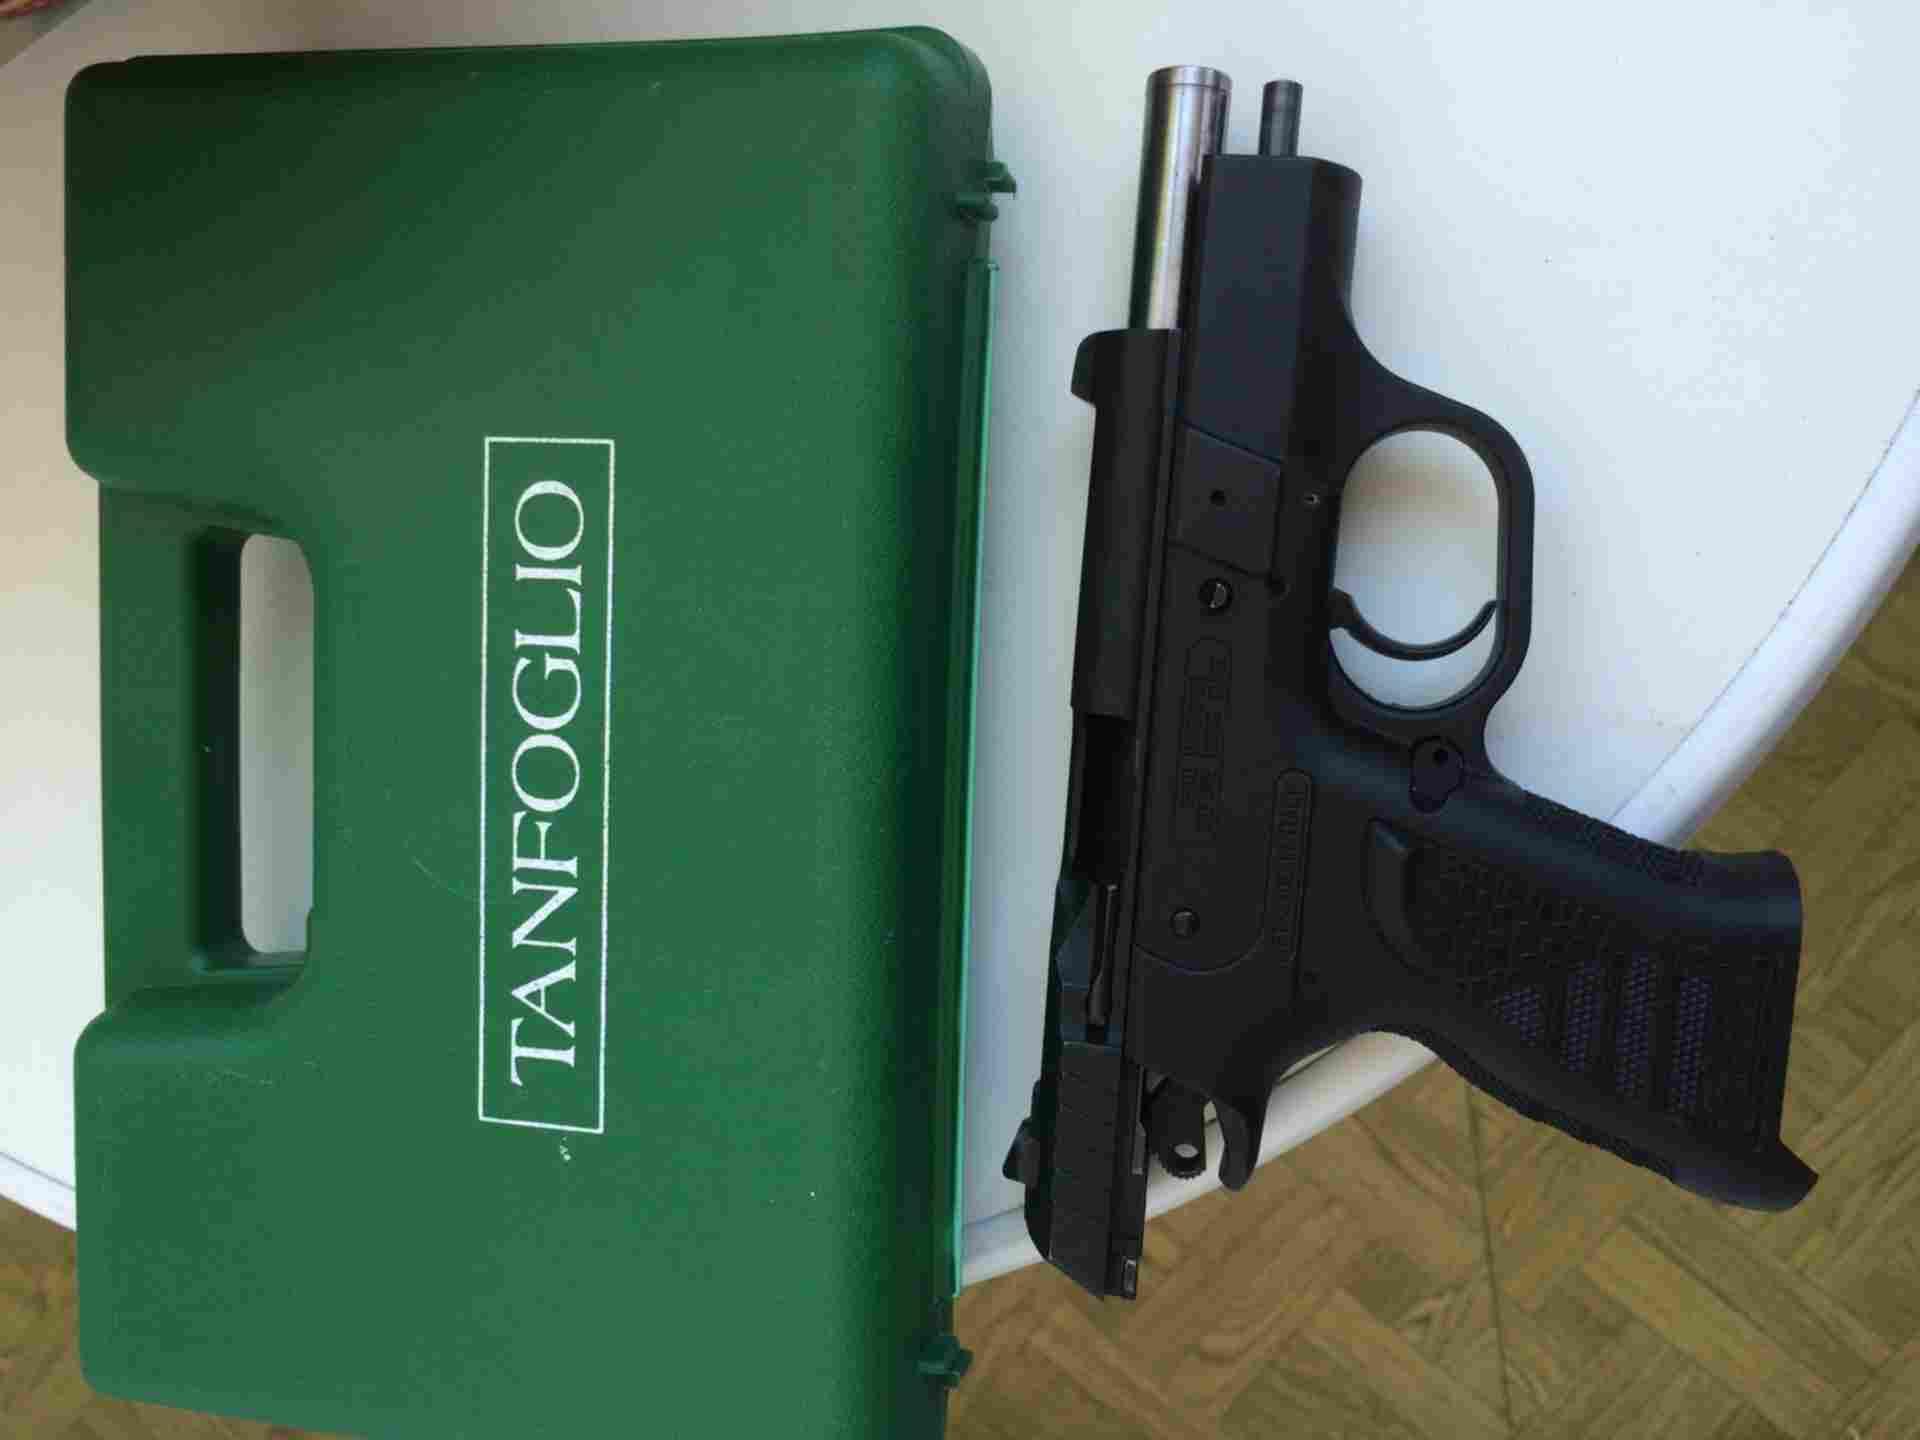 Продам оооп tanfoglio inna кал 9pa настрел 100+- комплект (не разбивается)